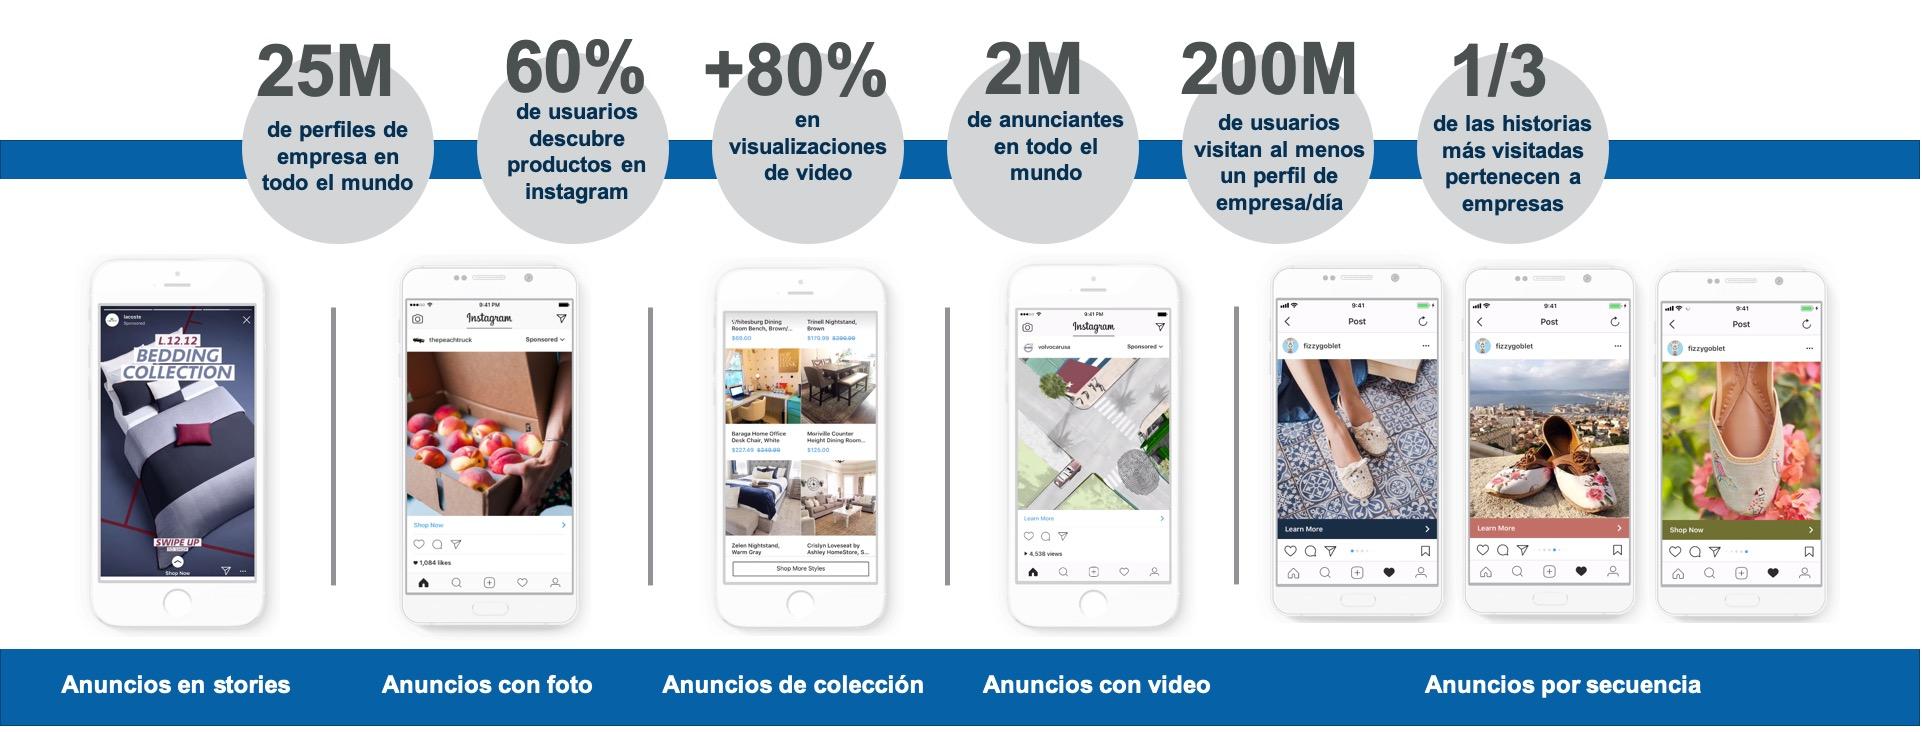 Datos, formatos y ejemplos de los anuncios en Instagram for business.